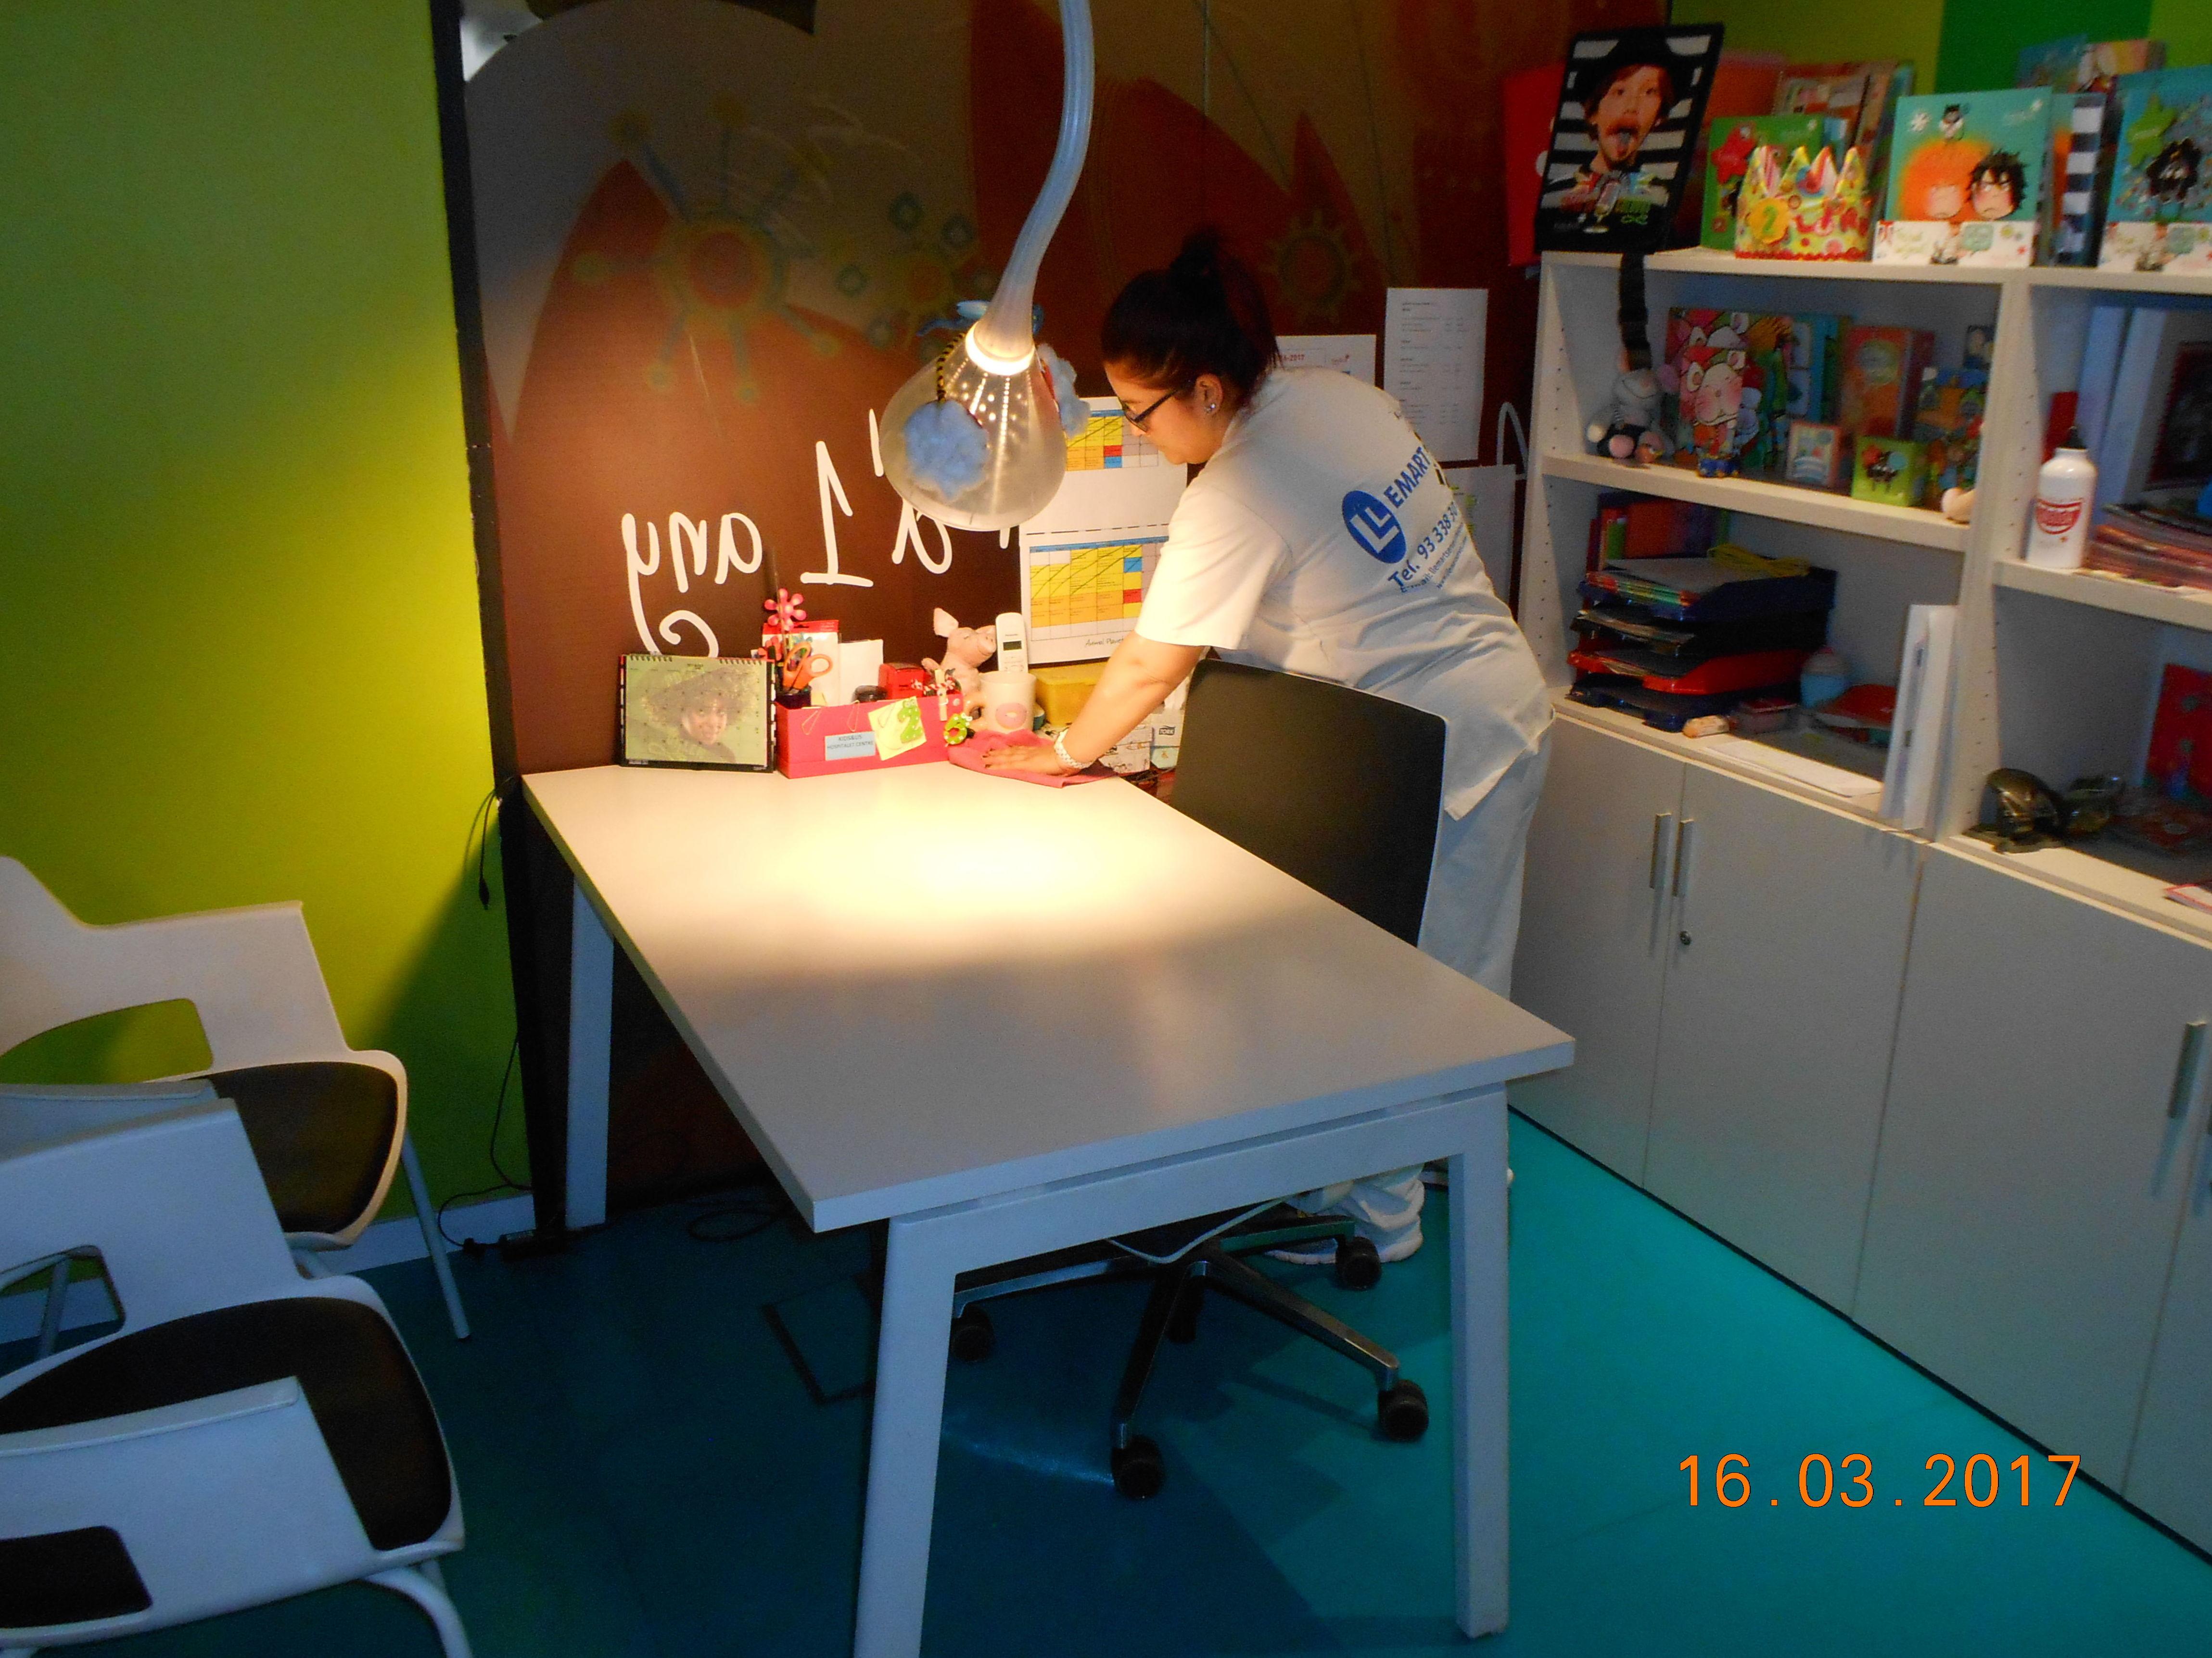 limpieza de oficinas en Hospitalet de llobregat|llemart servei